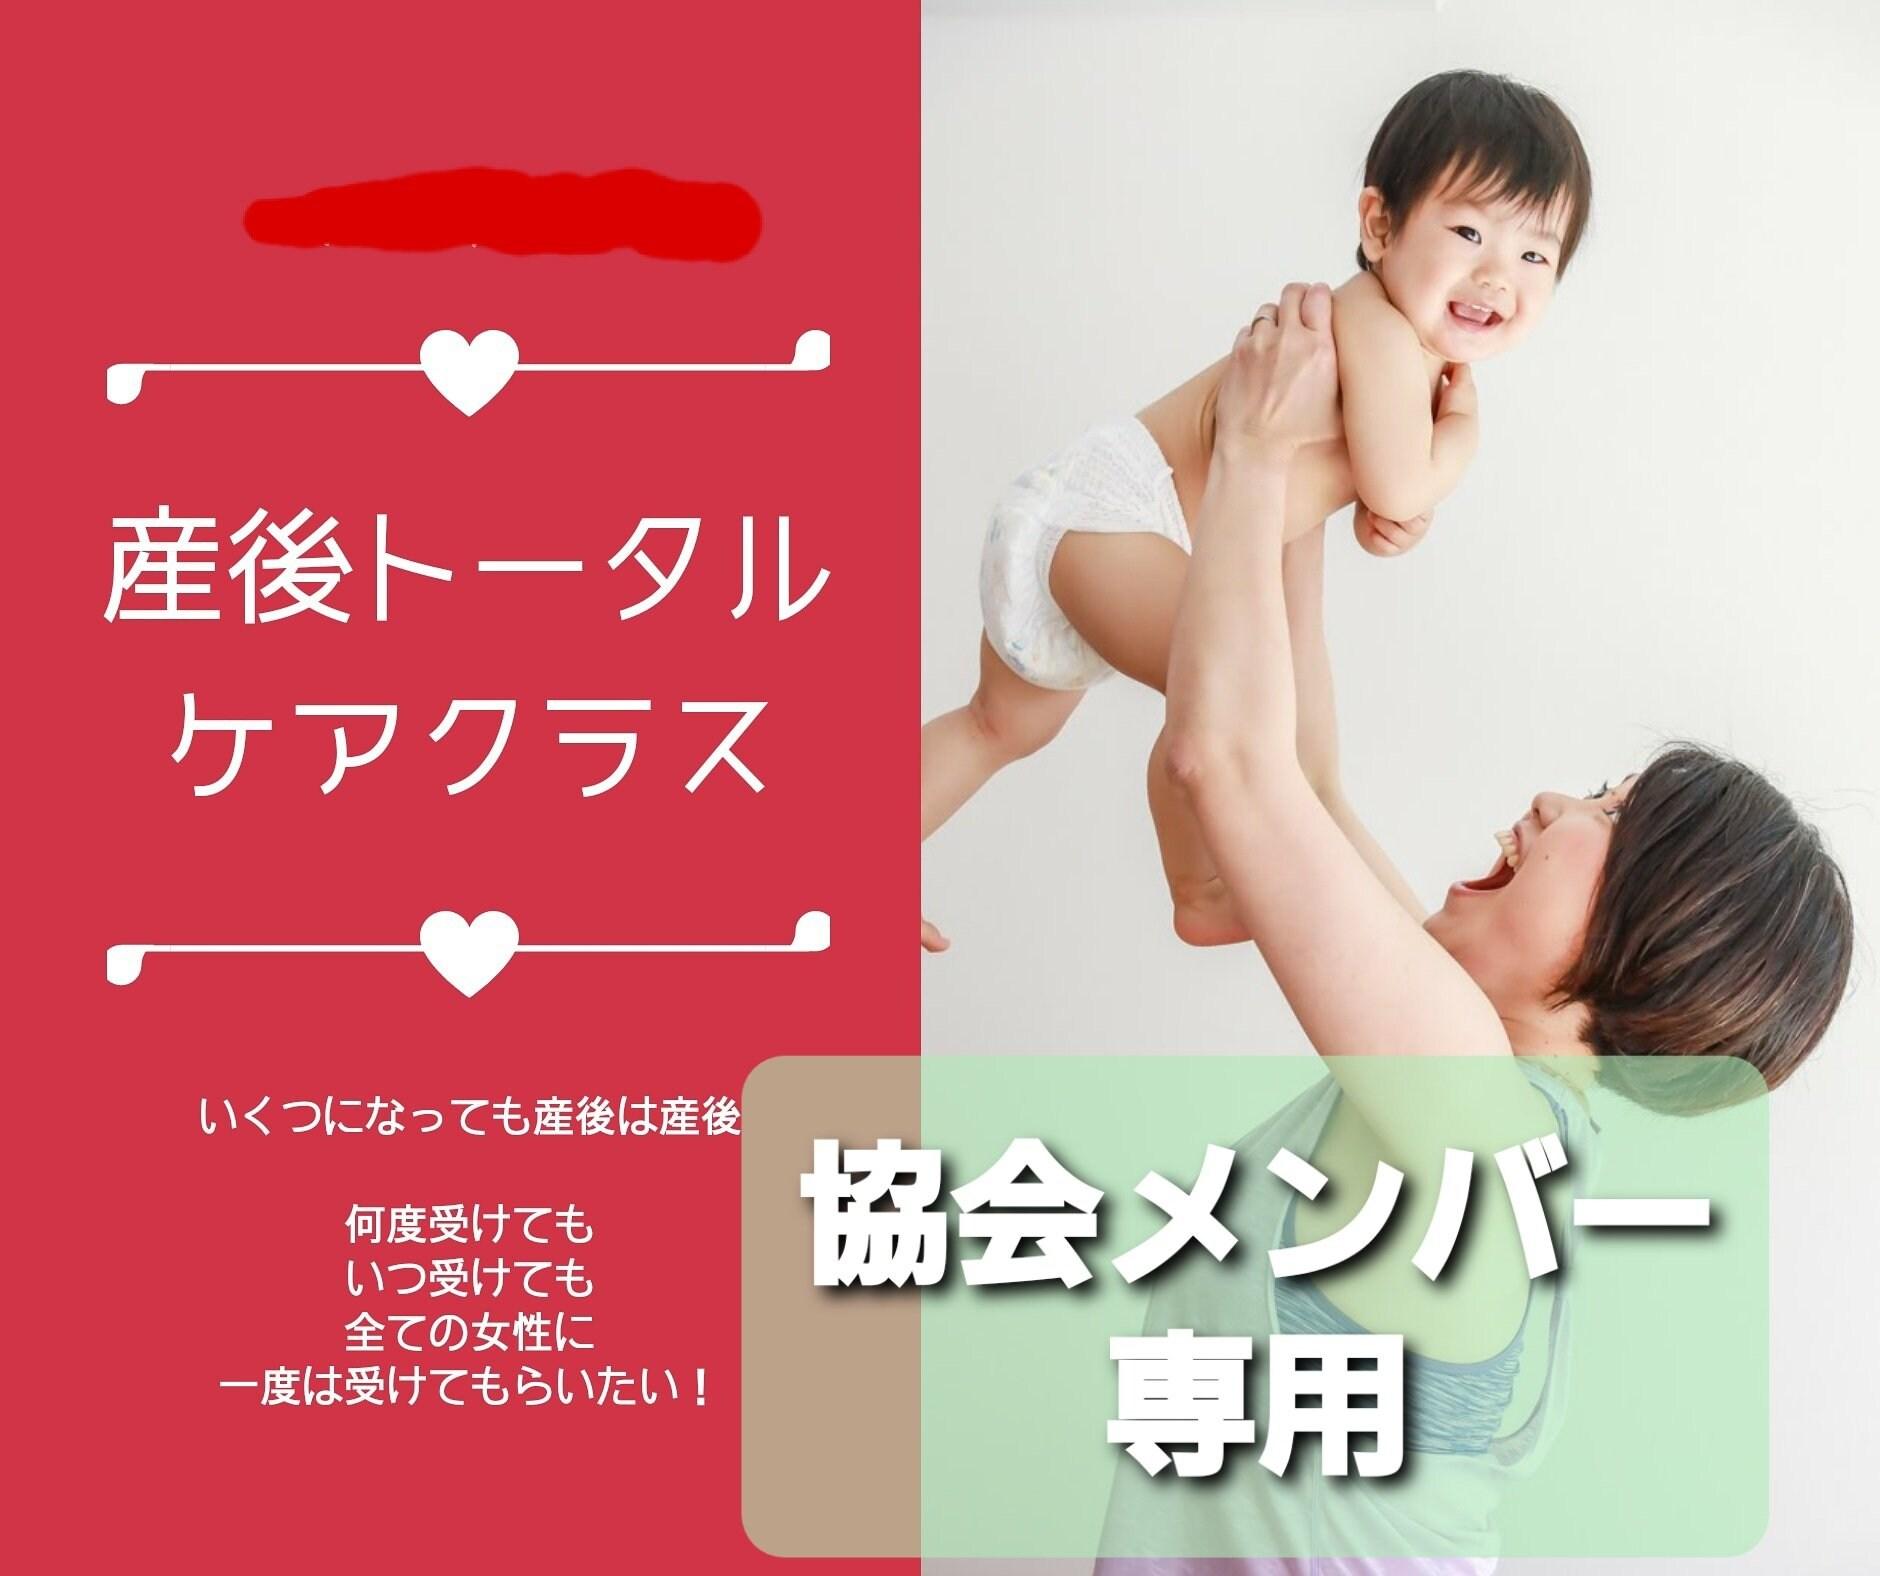 【協会員専用】産後トータルケアクラス 全6回のイメージその1